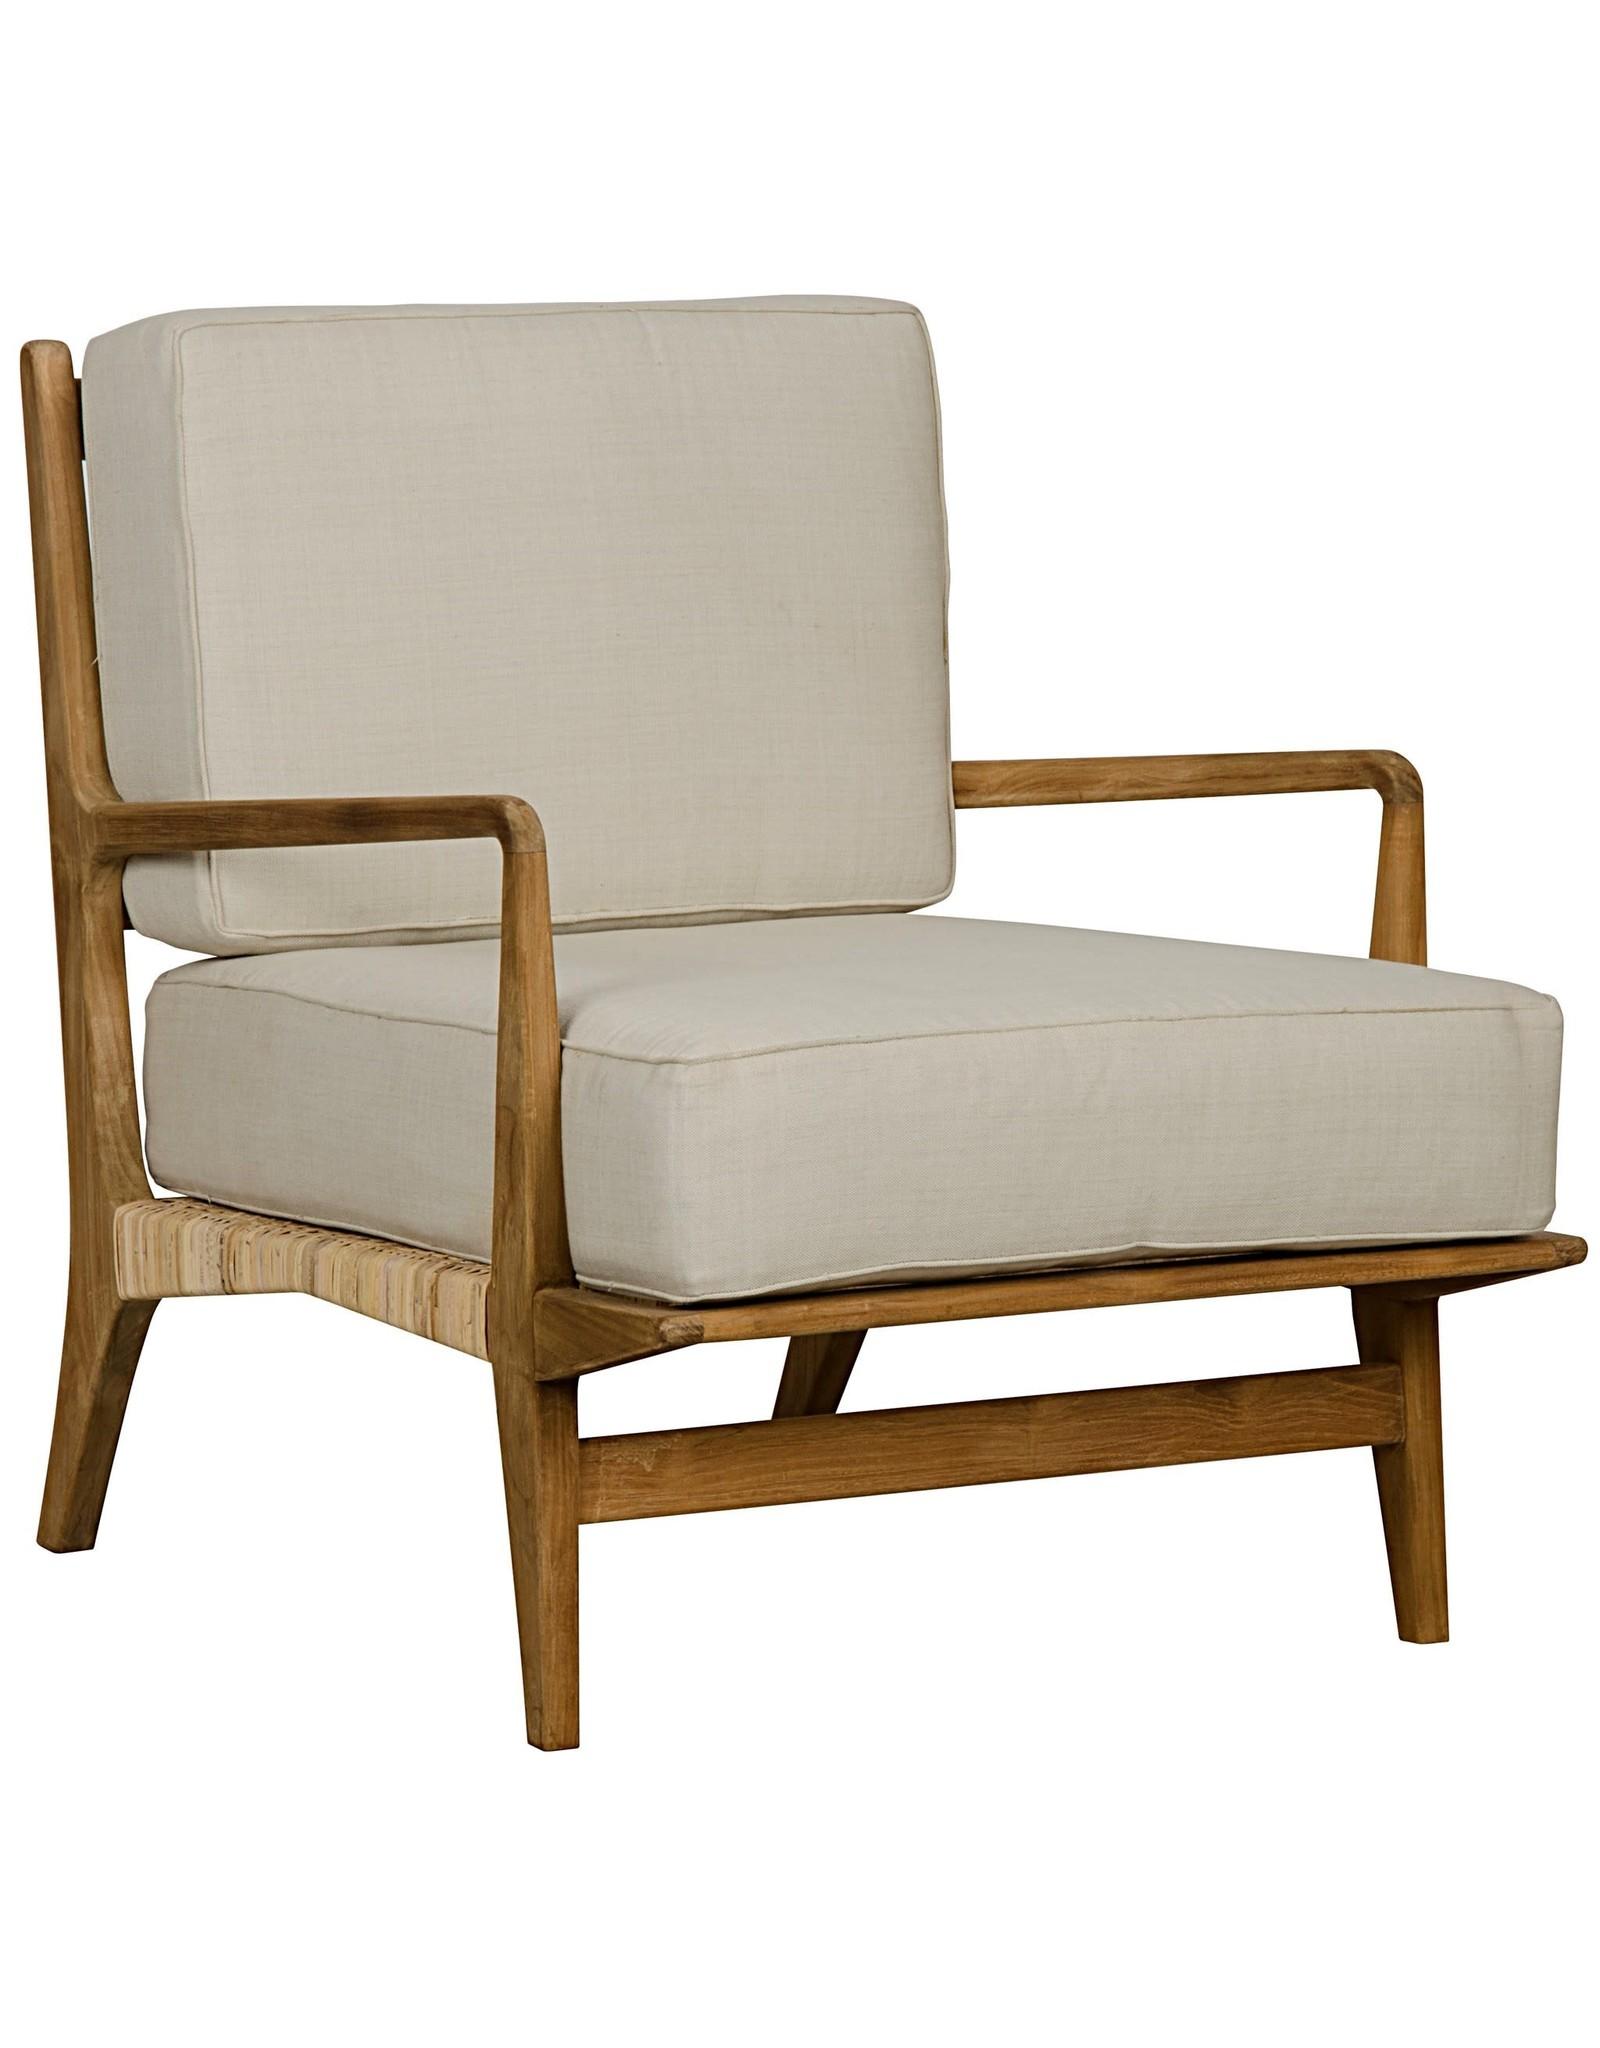 Website Noir Allister Chair